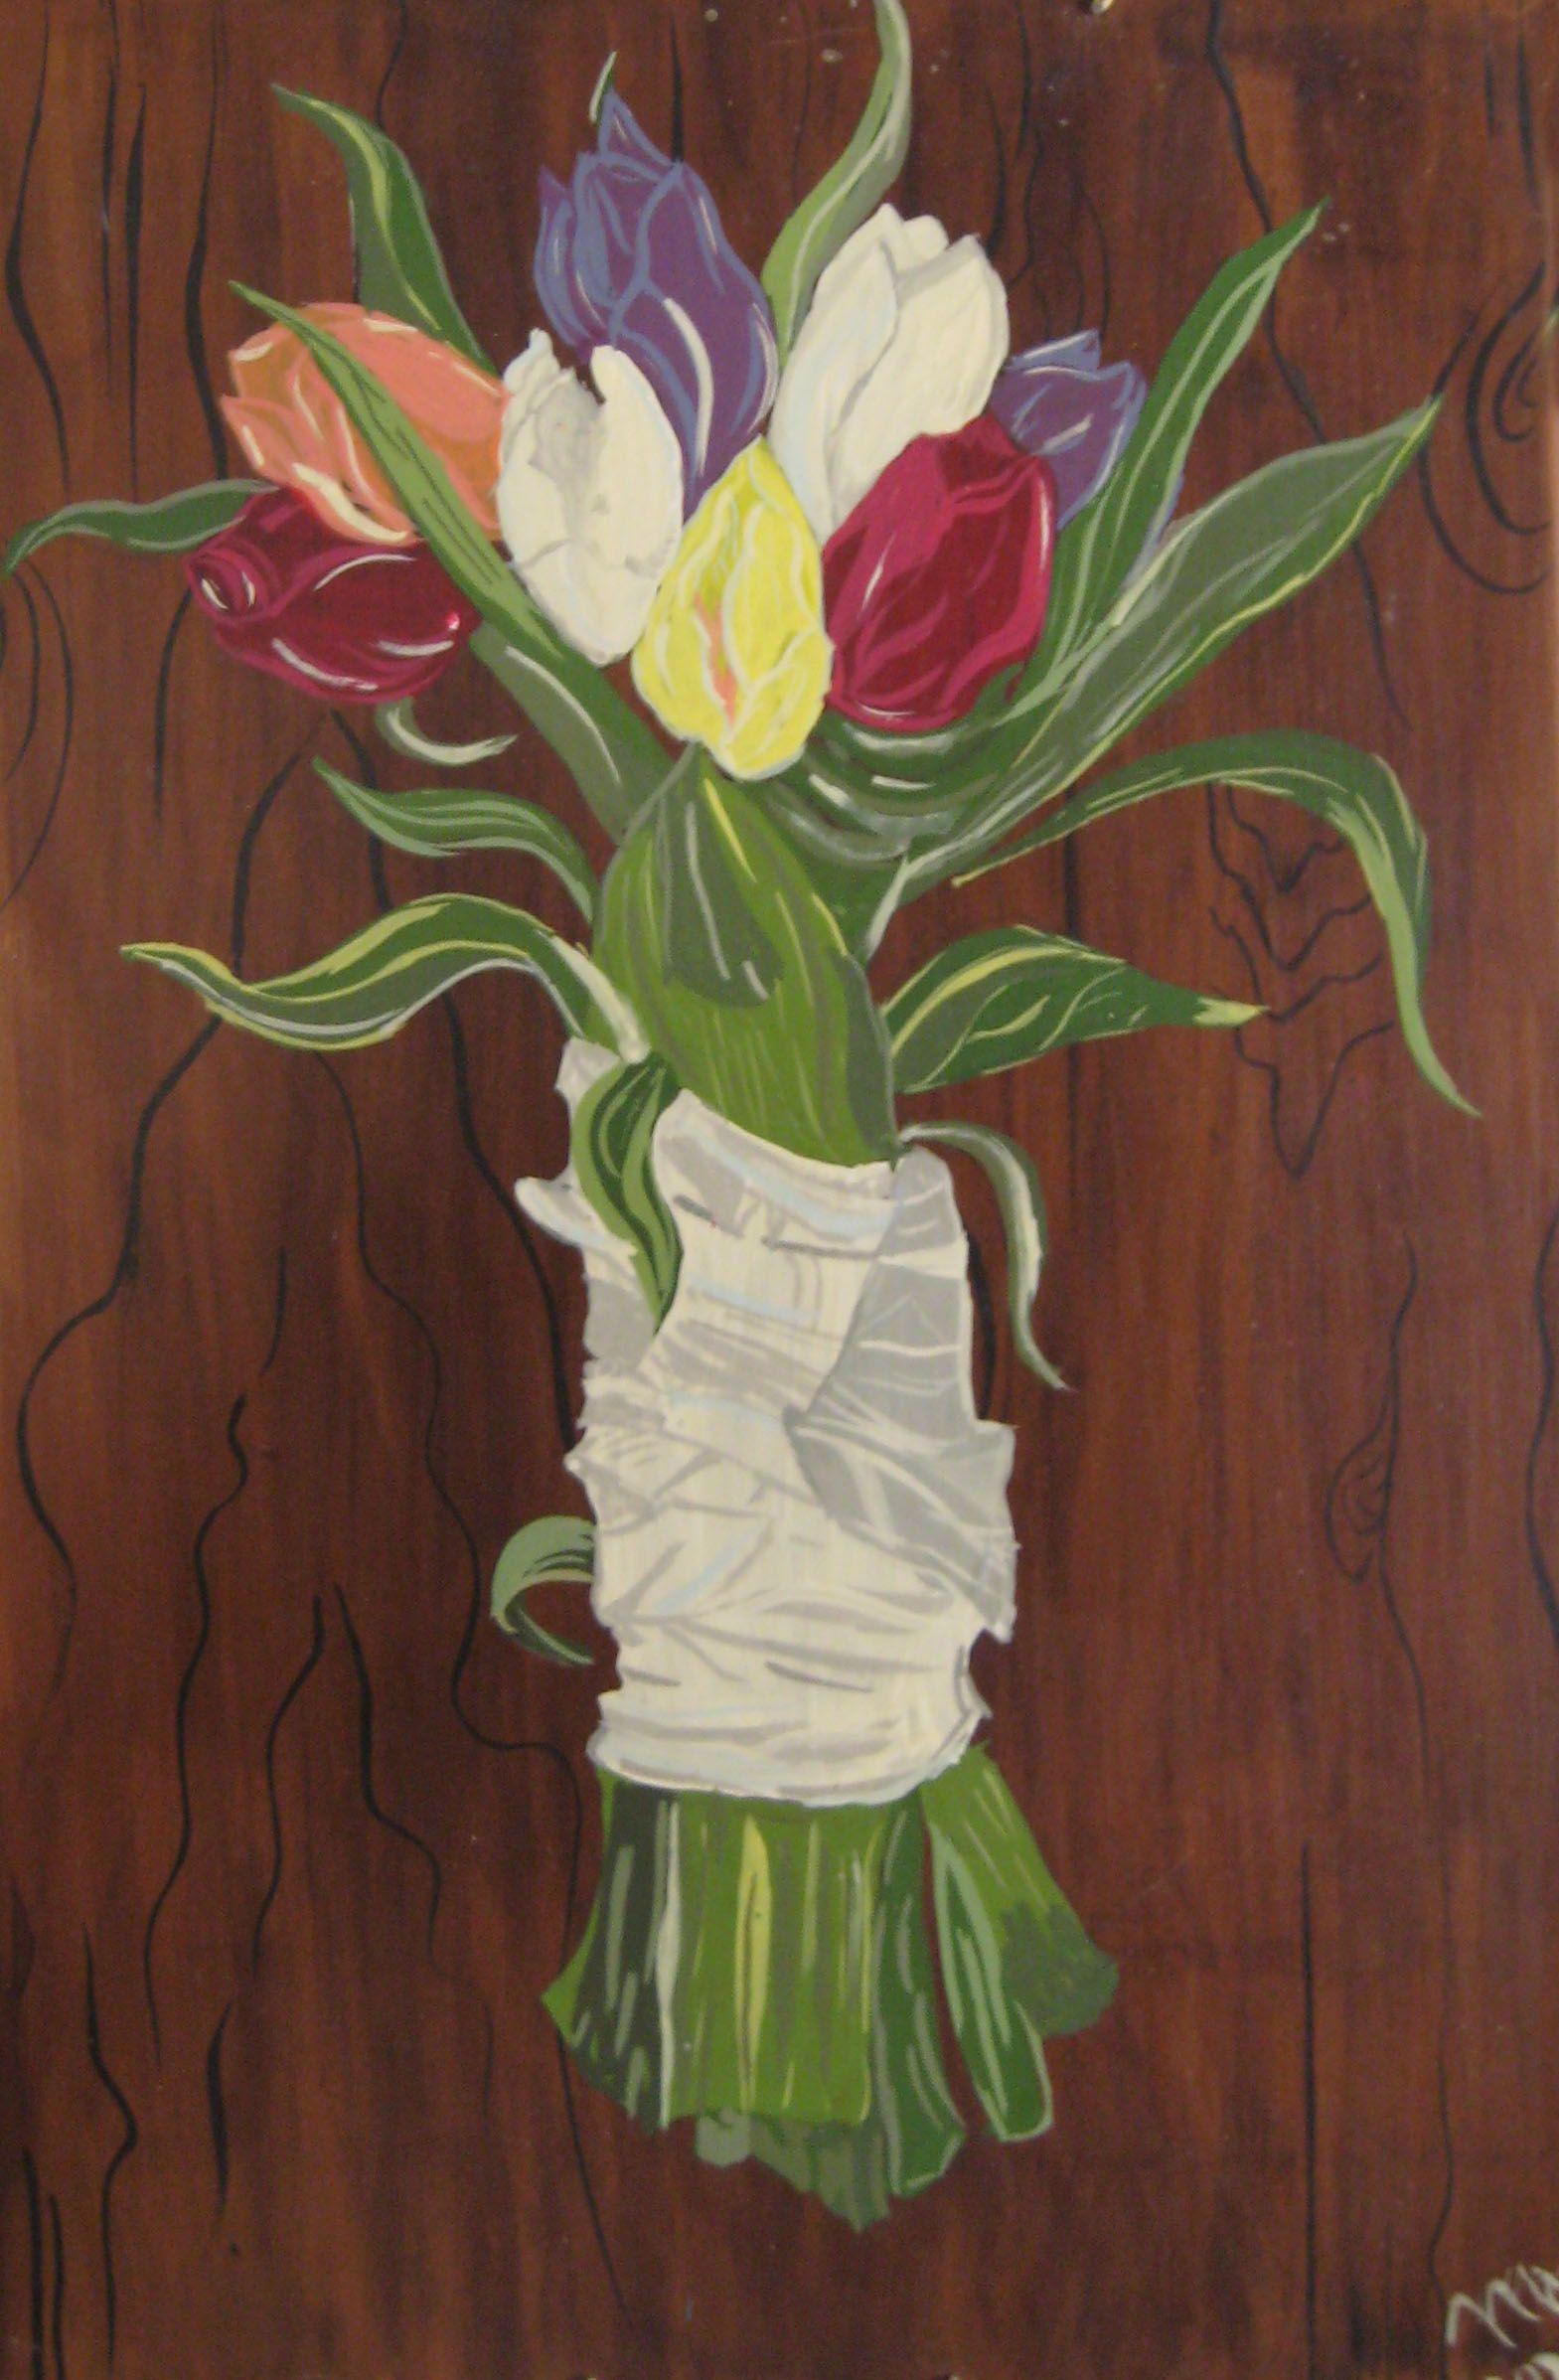 Cuadro pintado a mano. Tulipanes.Técnica acrílicos sobre baldosa. Por Mar Laguna Checa.Diseñadora de Interiores.